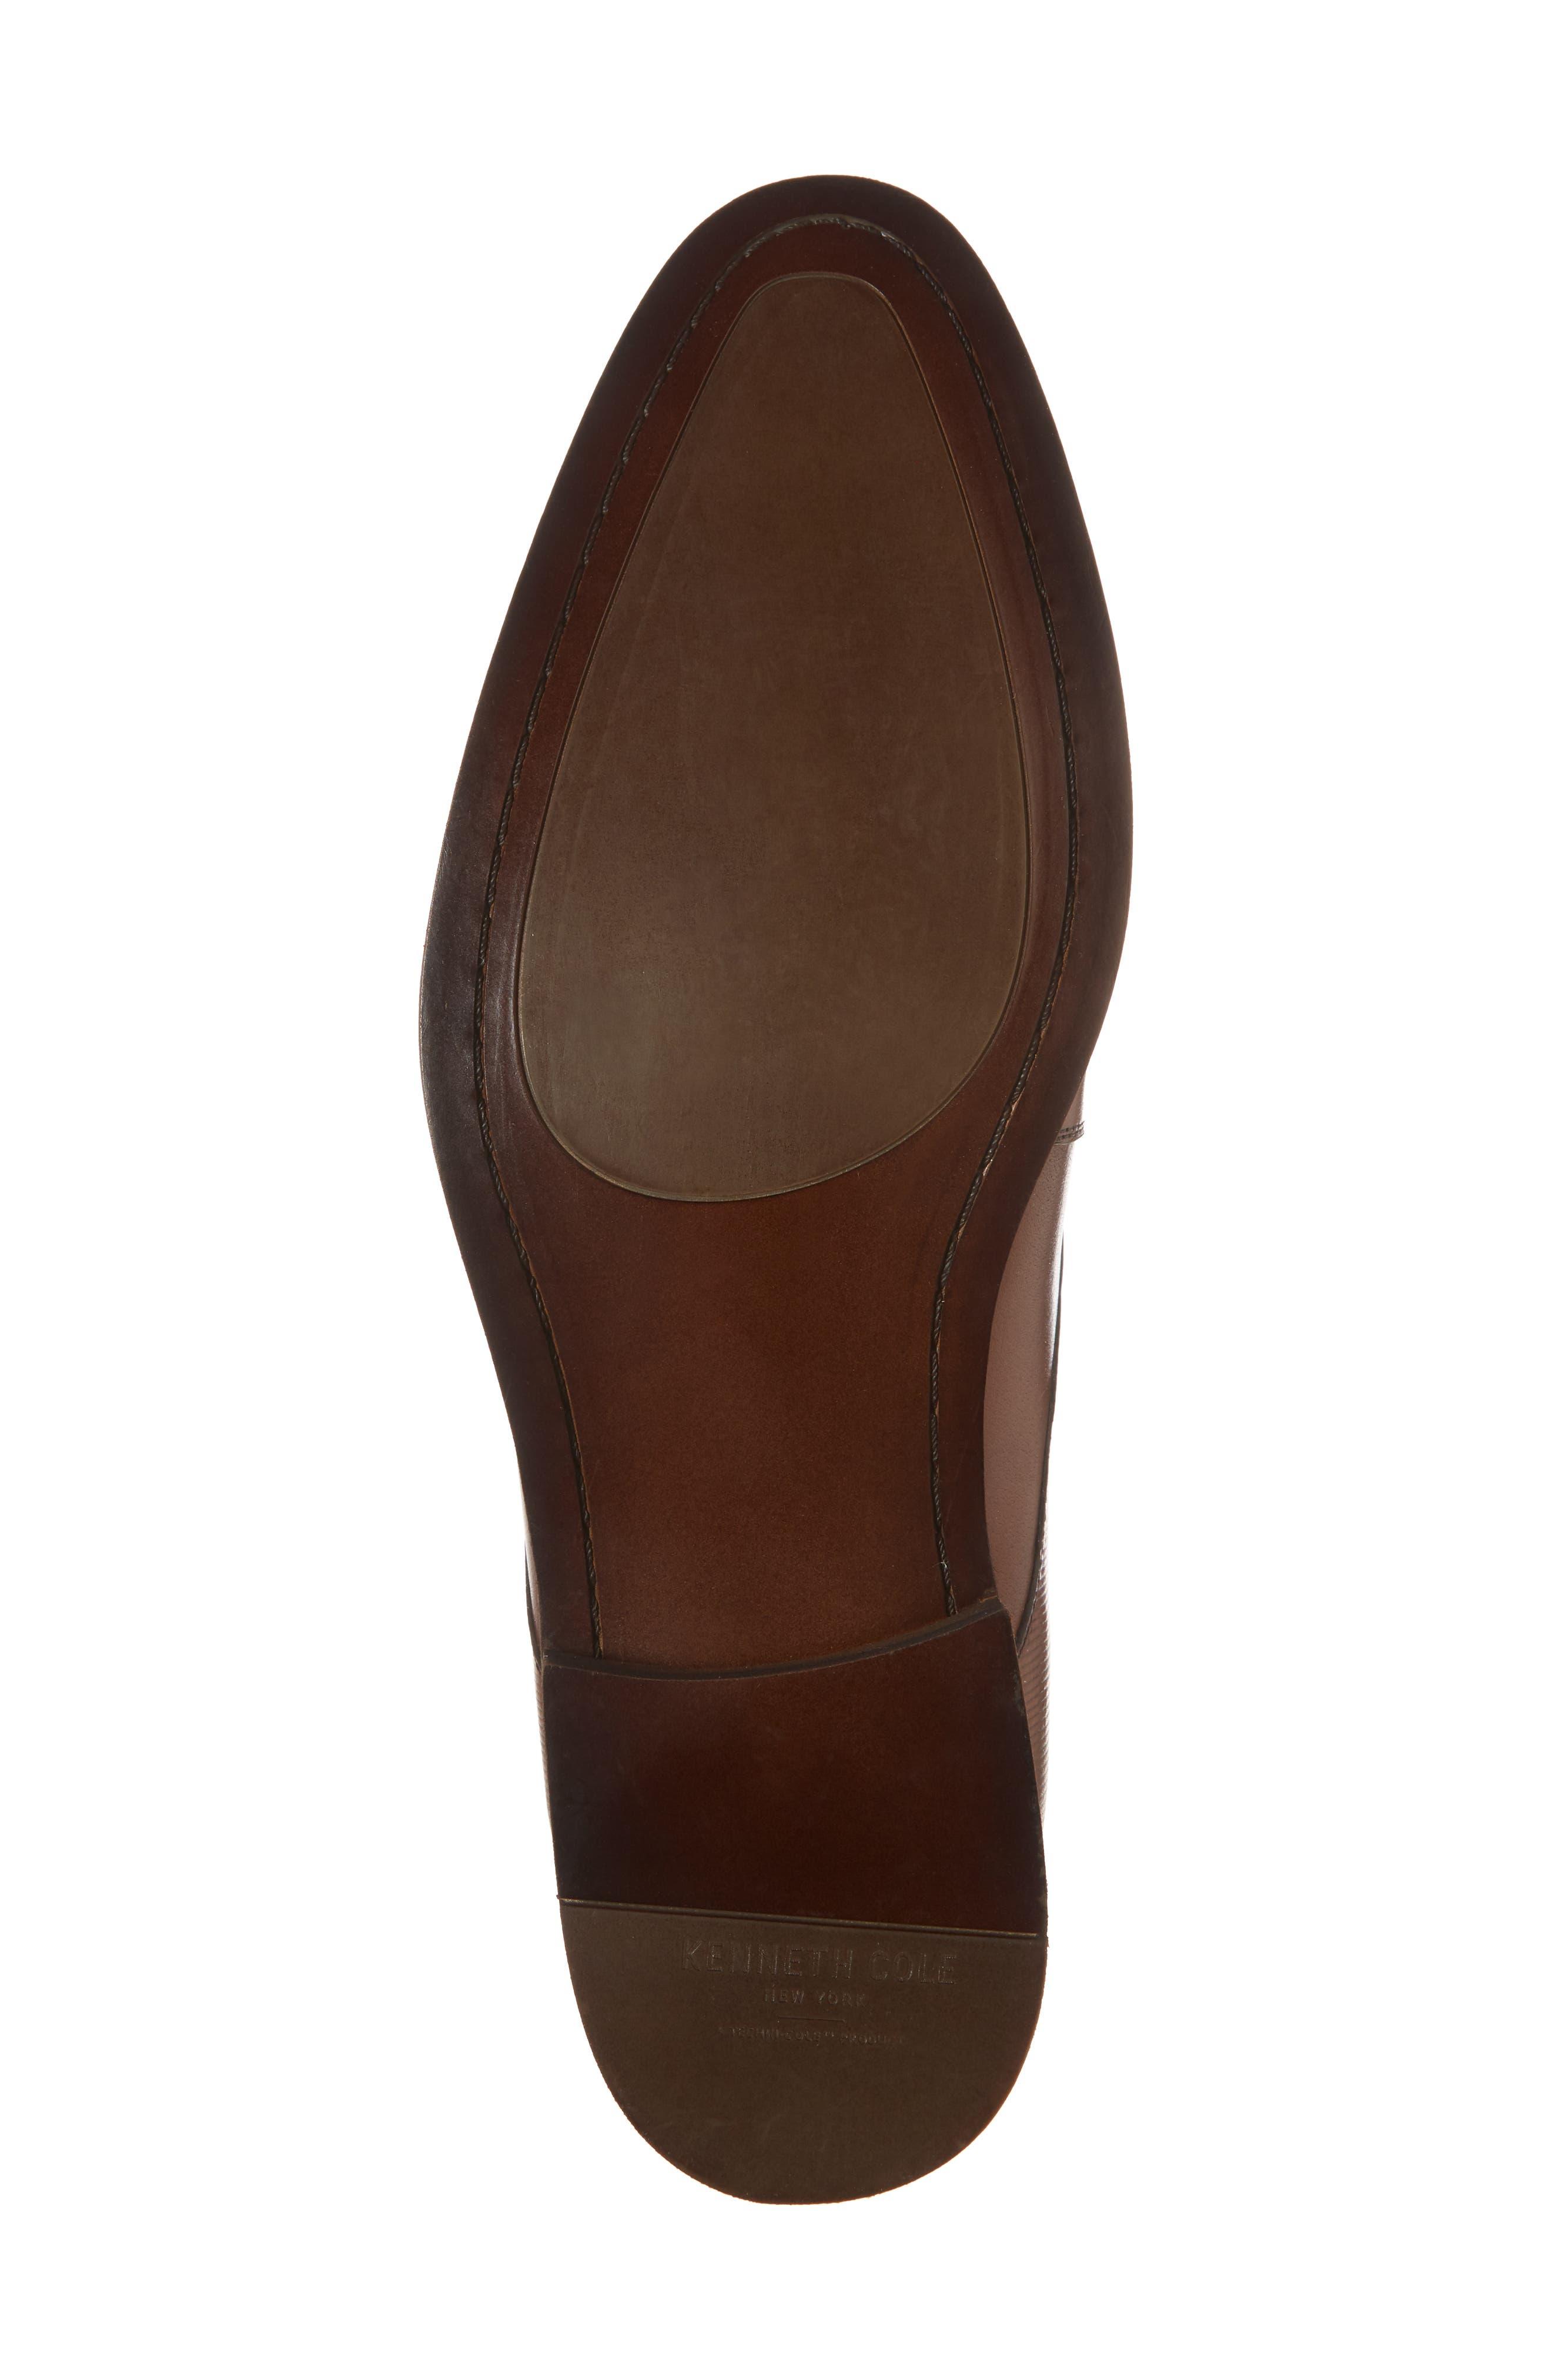 Courage Monk Strap Shoe,                             Alternate thumbnail 6, color,                             Cognac Leather